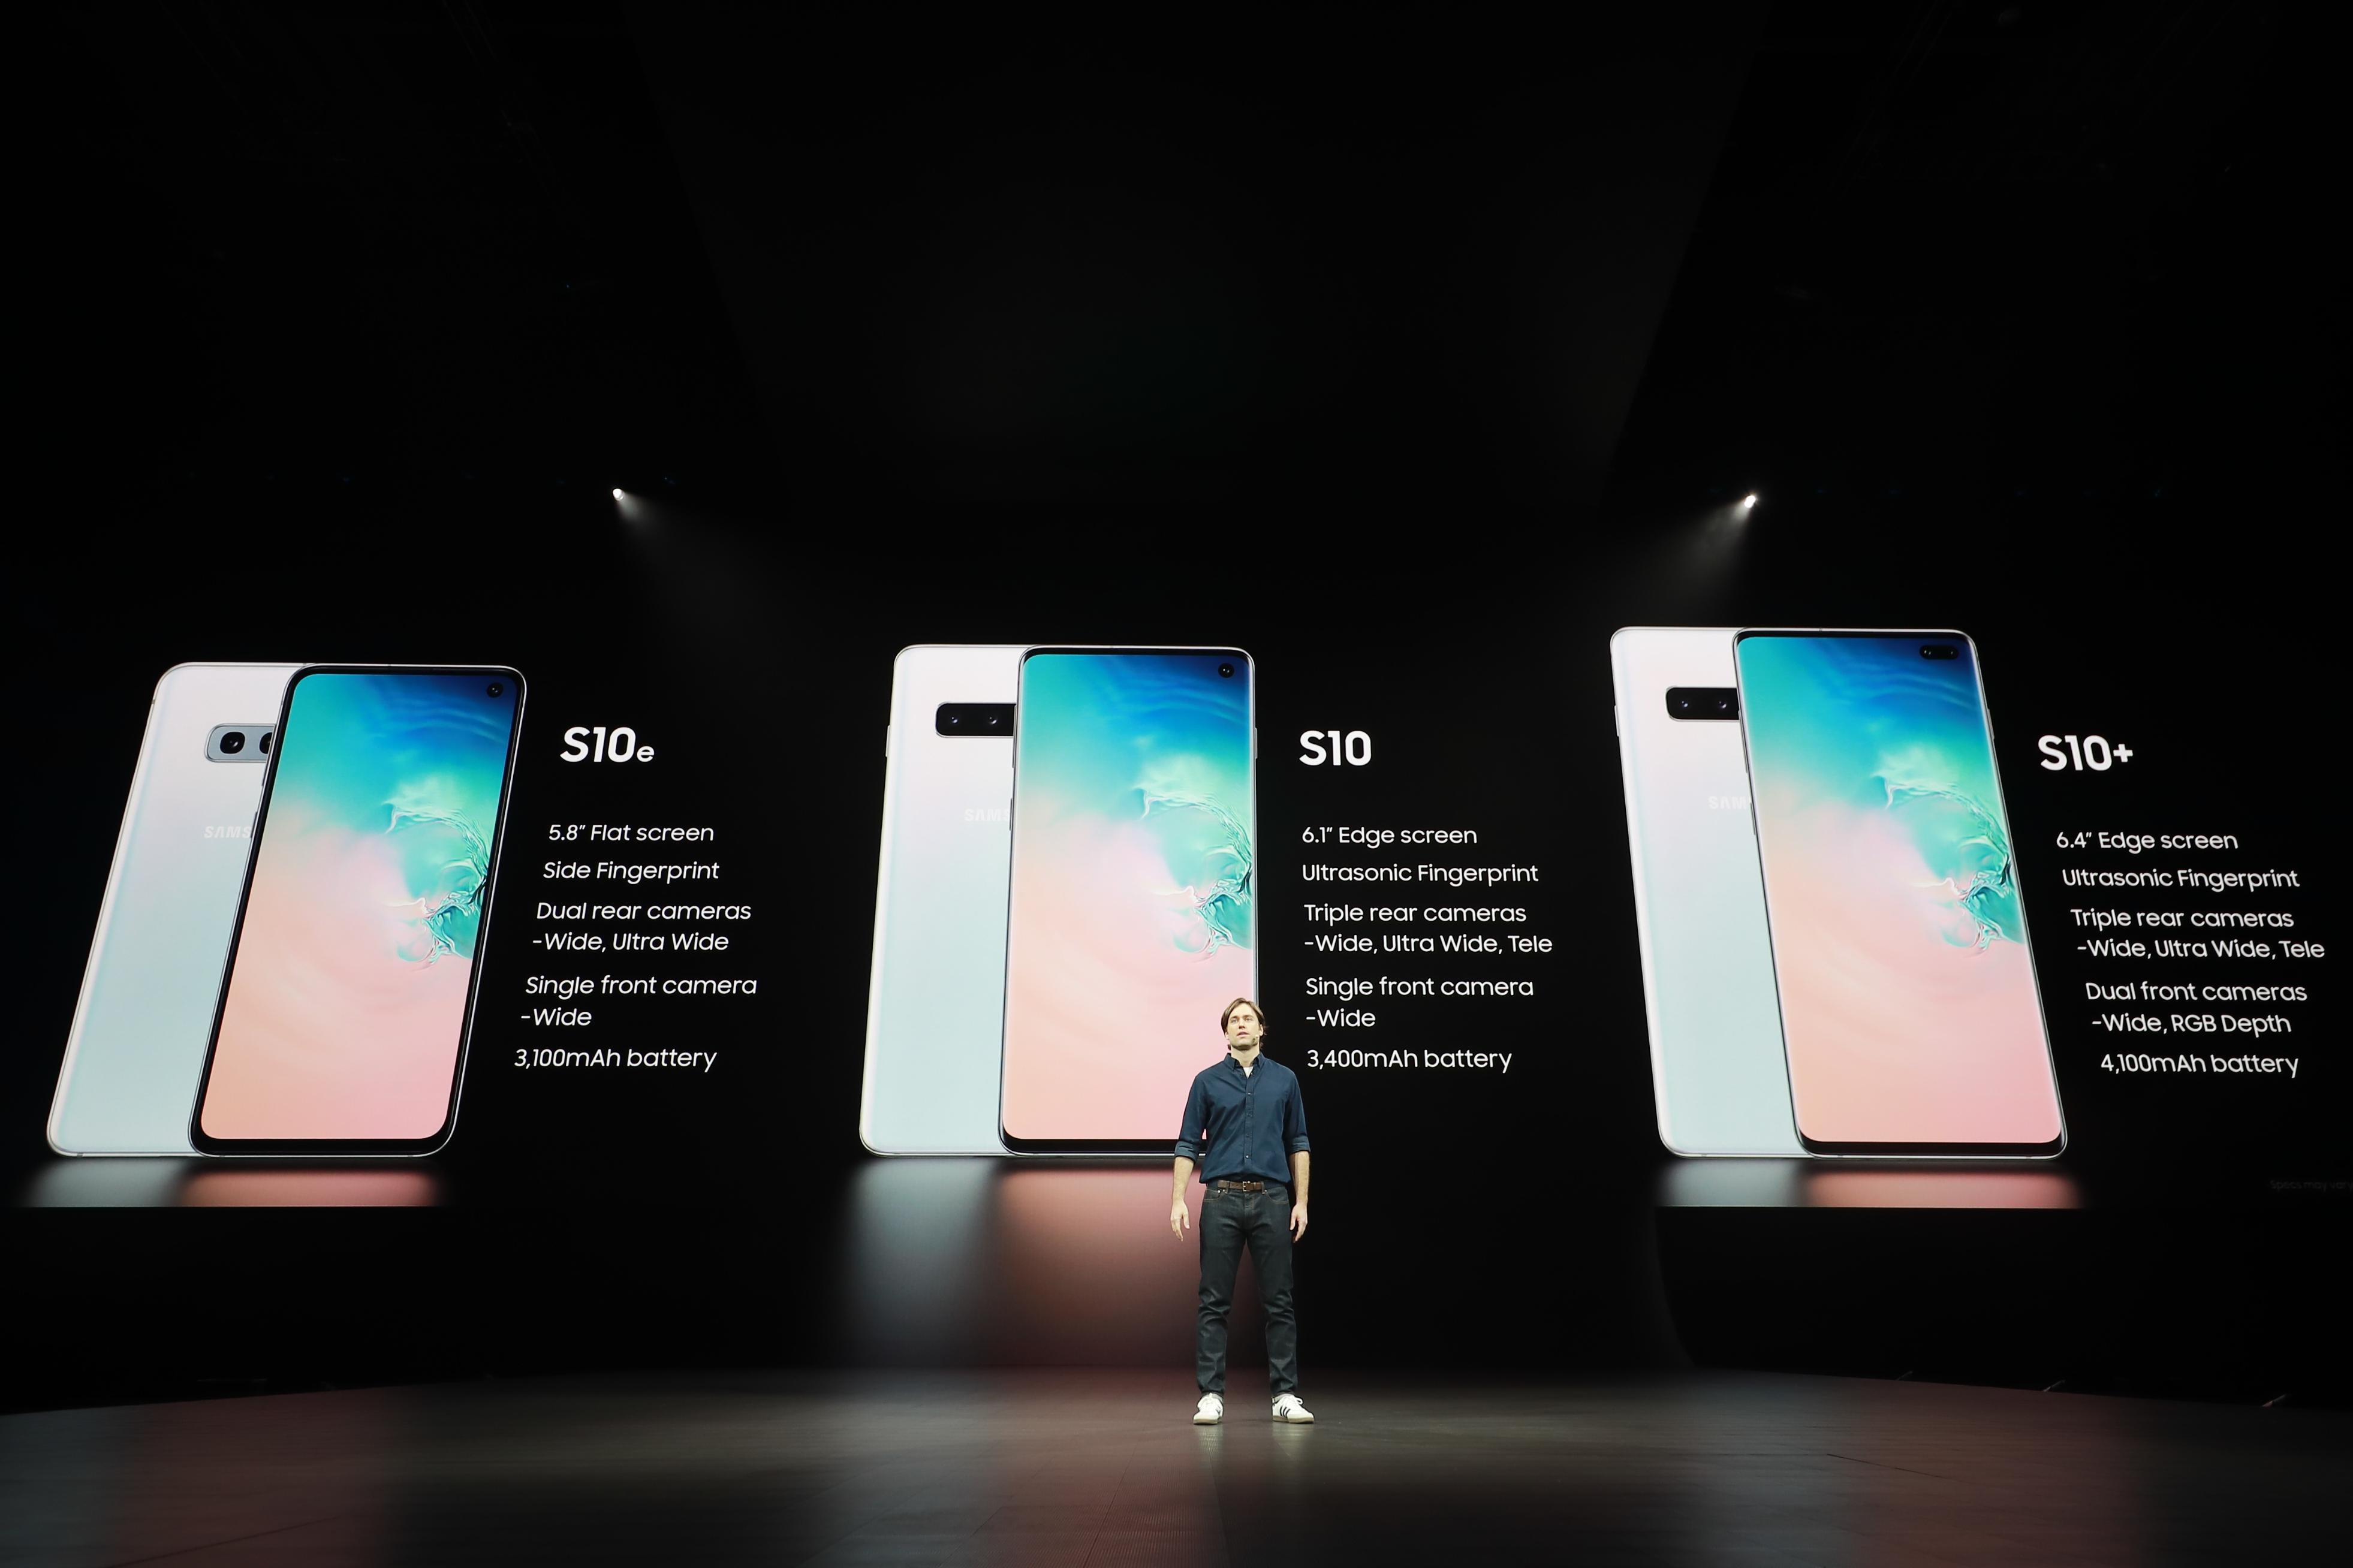 """▲ 드류 블랙커드 디렉터는 다양한 모델로 출시된 갤럭시 S10 시리즈를 소개하며 """"선호하는 스마트폰을 갤럭시 시리즈 안에서 모두 찾을 수 있을 것""""이라고 말했다."""